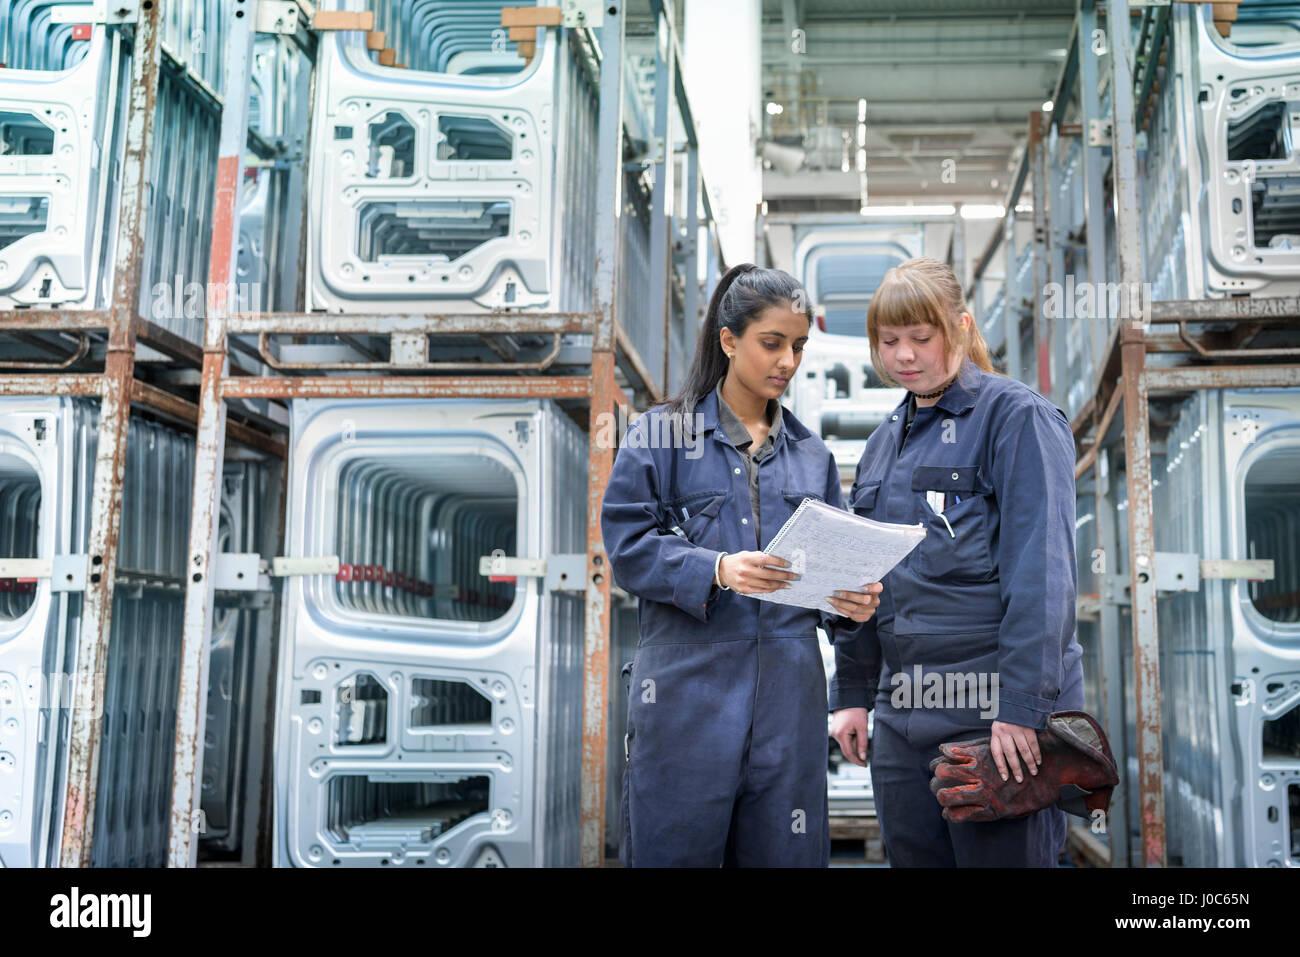 Femmina apprendista elettricista e saldatrice nella fabbrica di automobili Immagini Stock